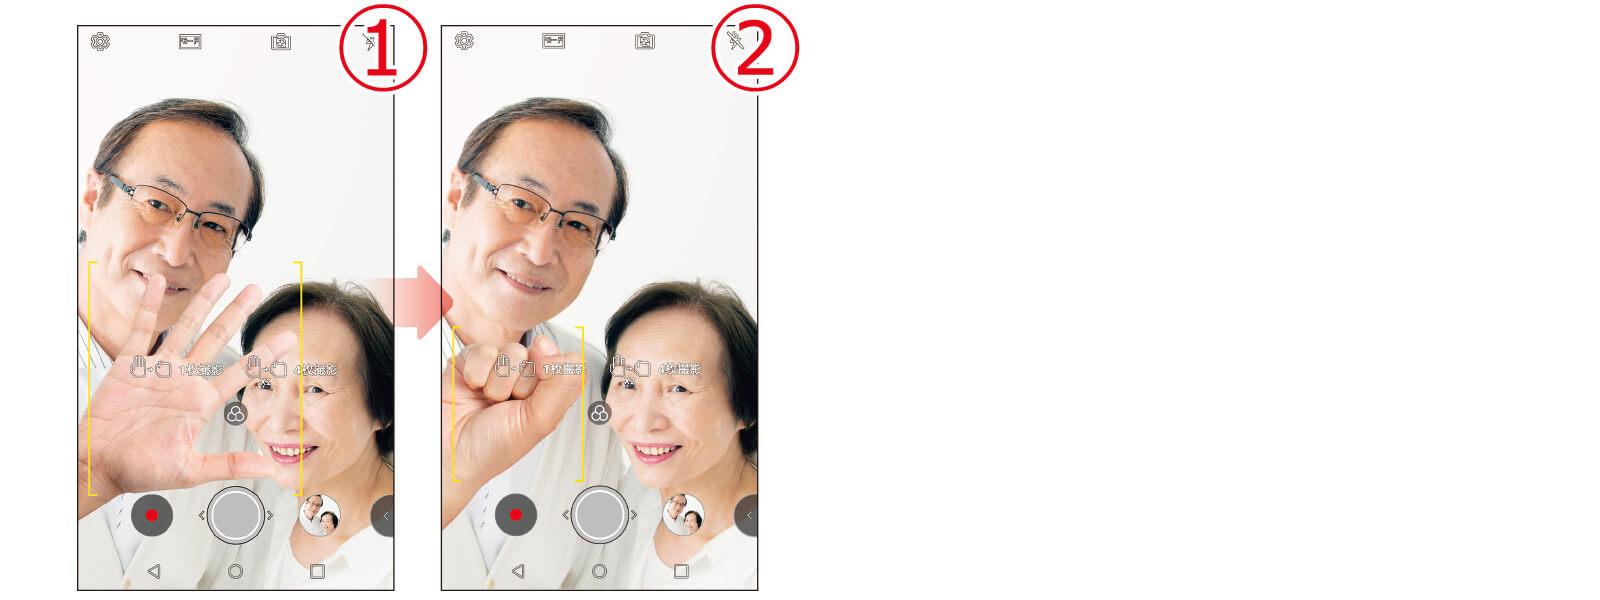 LG it ジェスチャー撮影